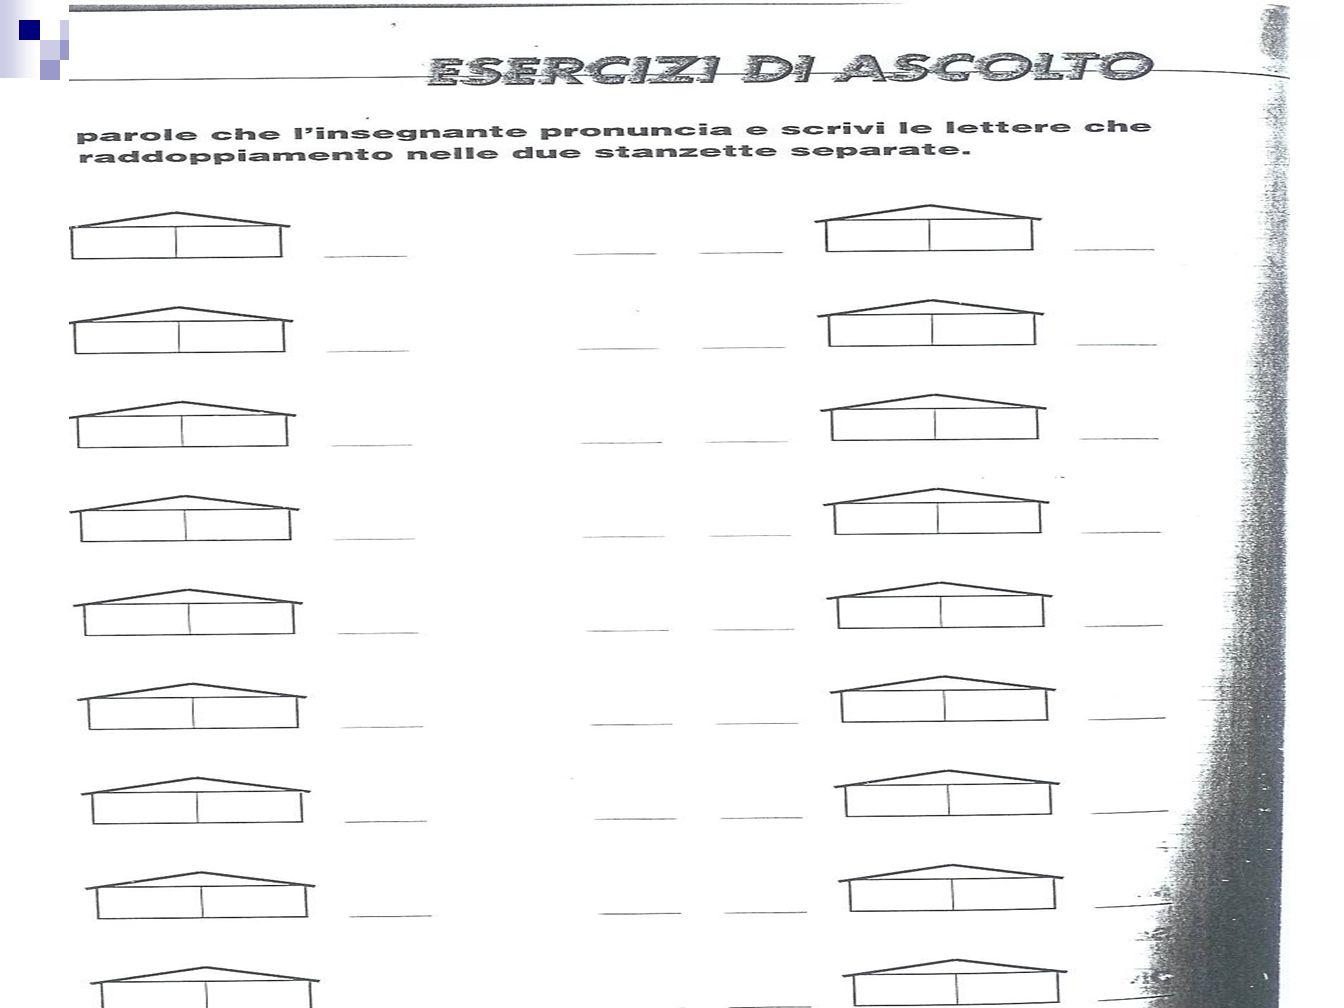 Progetto Screening I elementare - Sassuolo_121